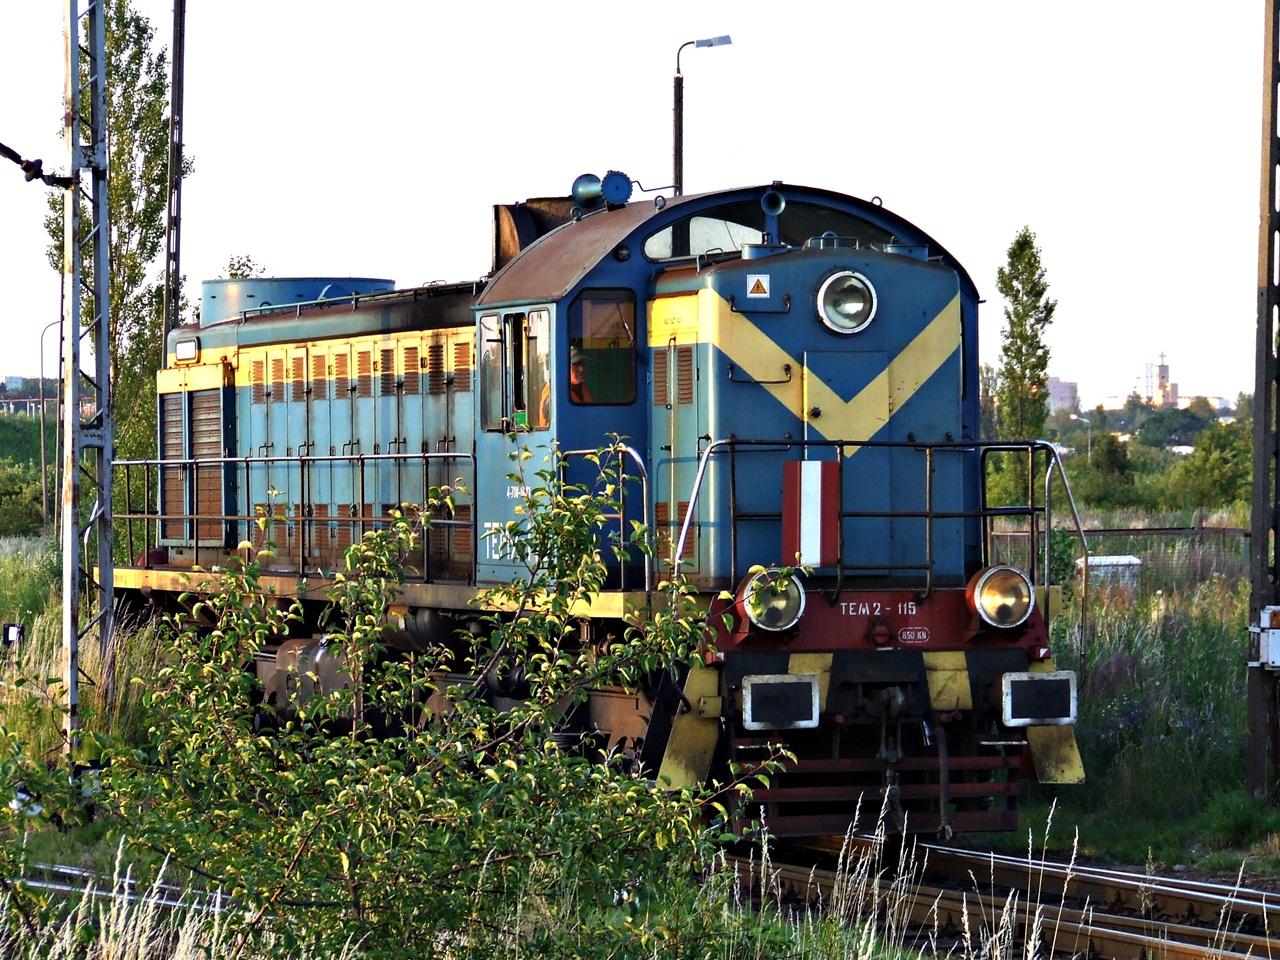 DSCF3941.JPG